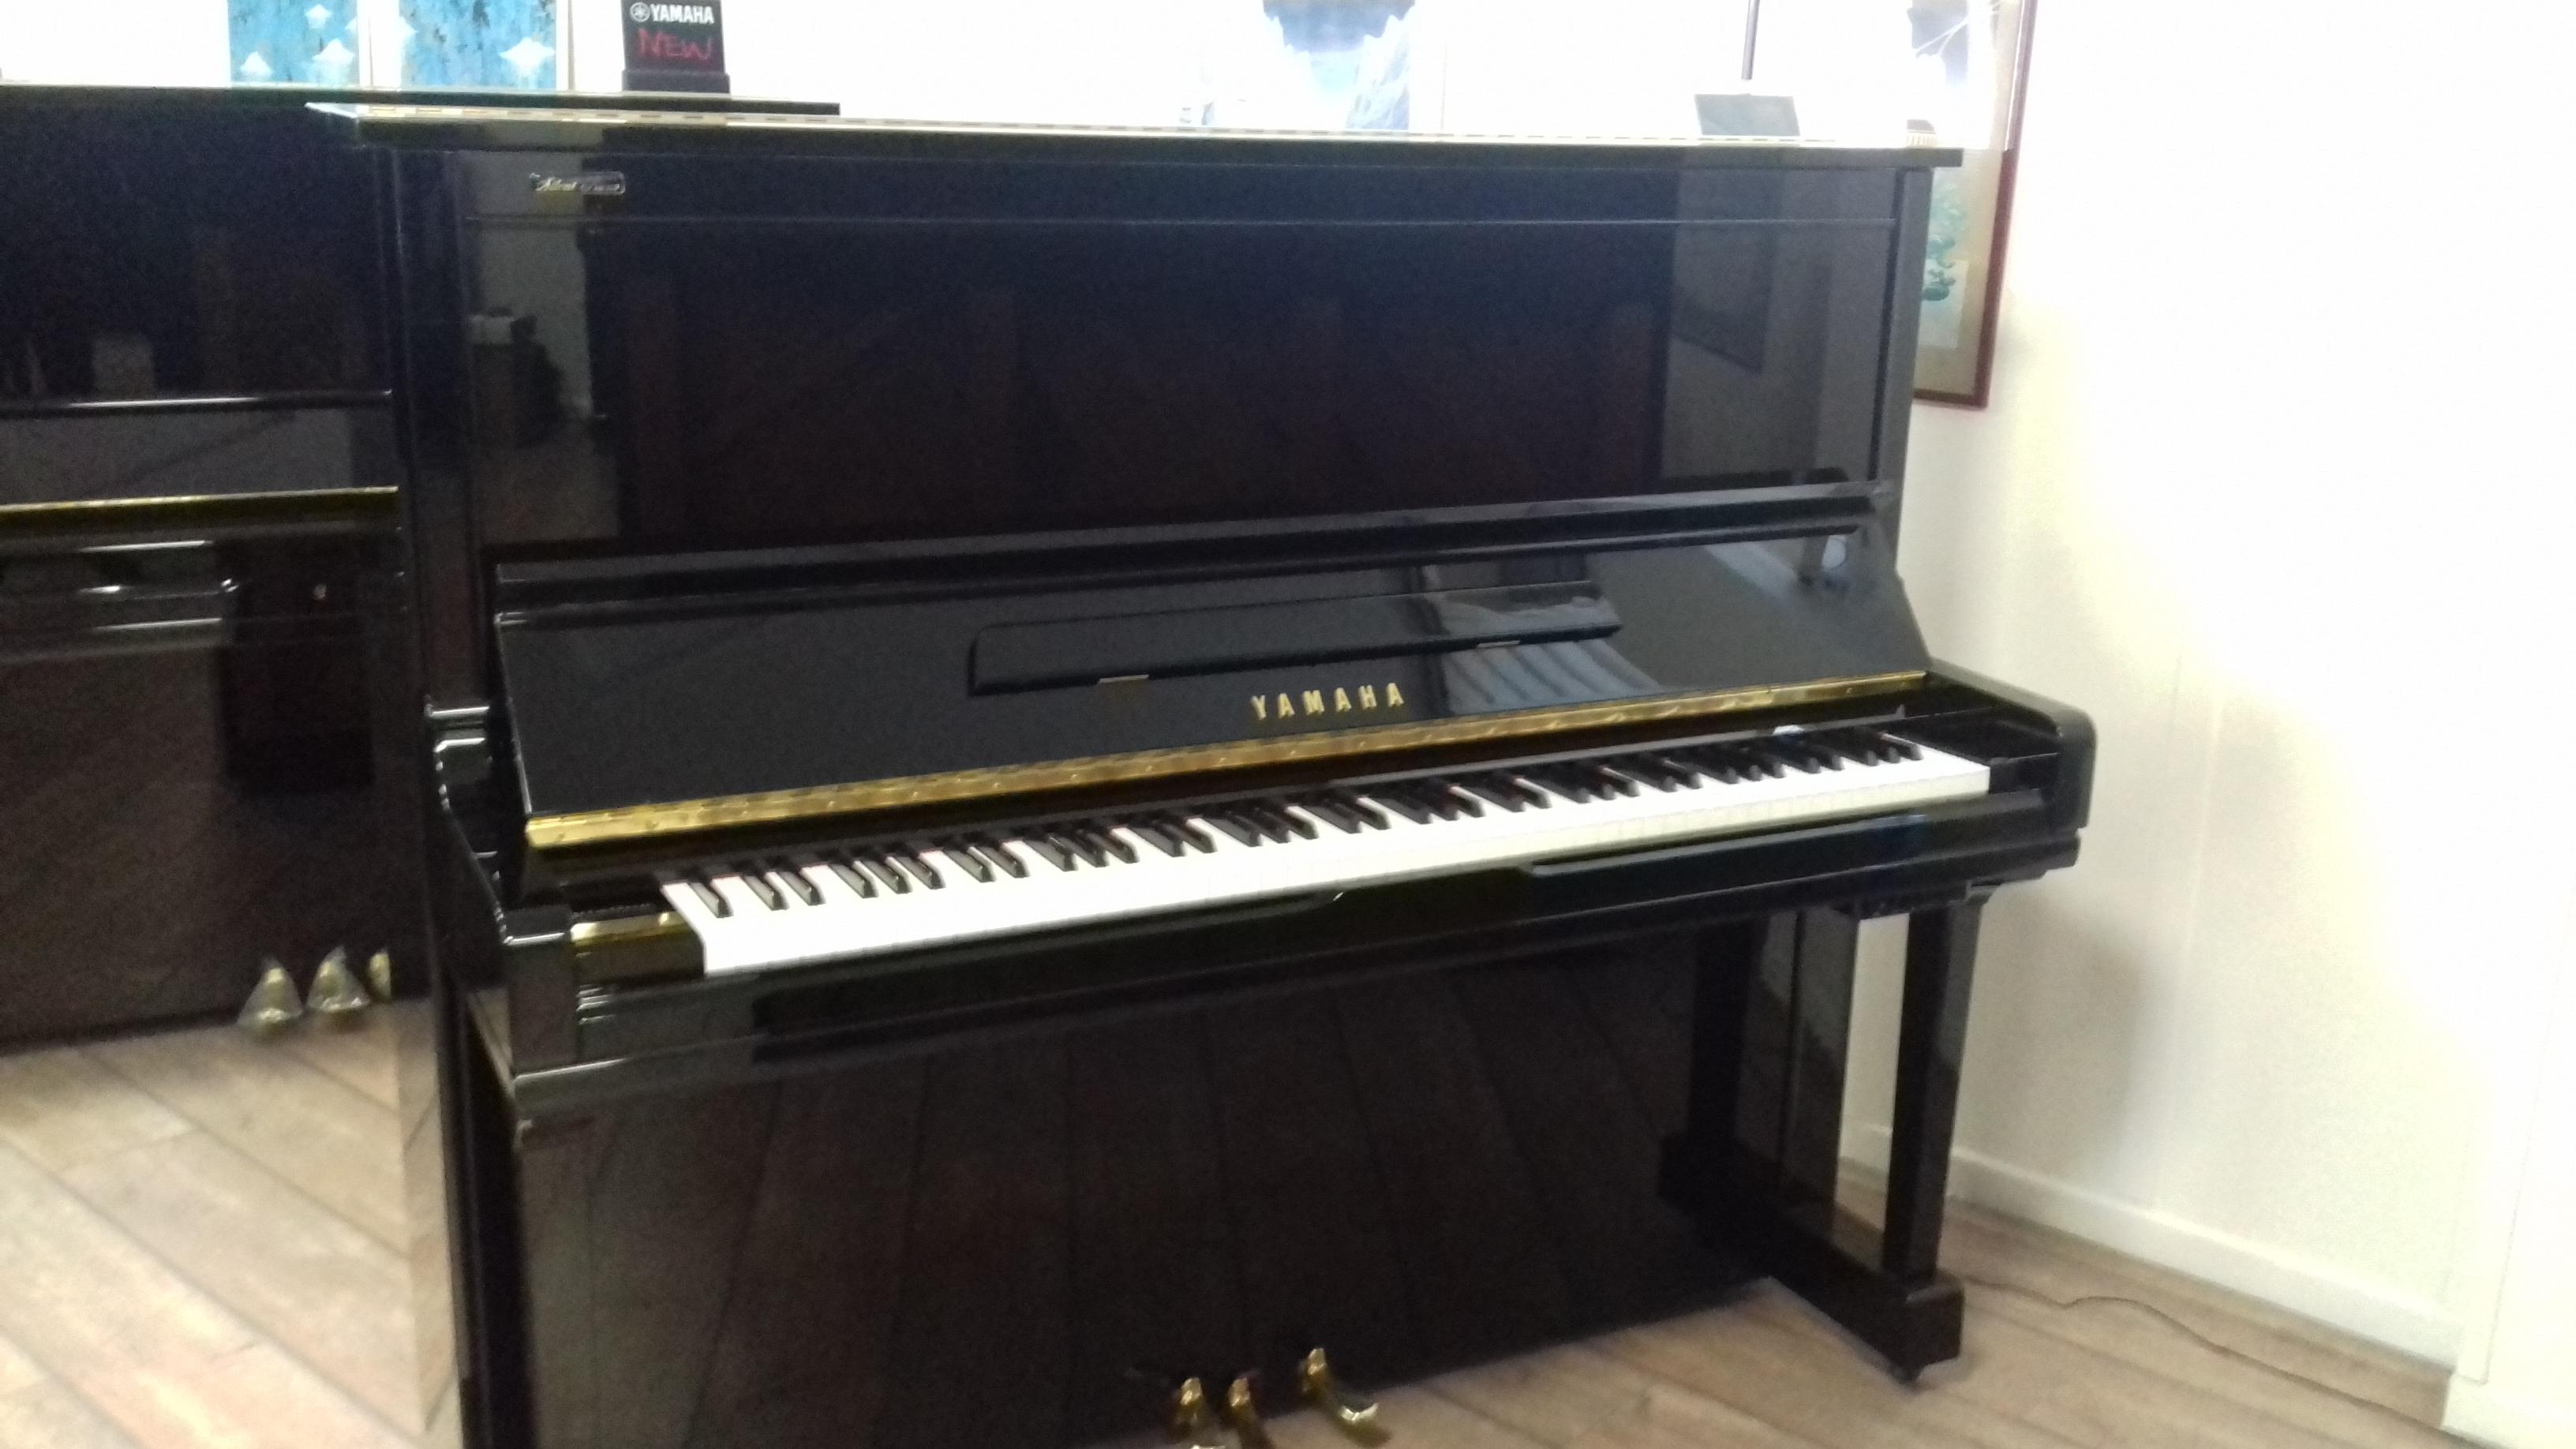 Pianoforti: Pianoforte verticale Yamaha U300S